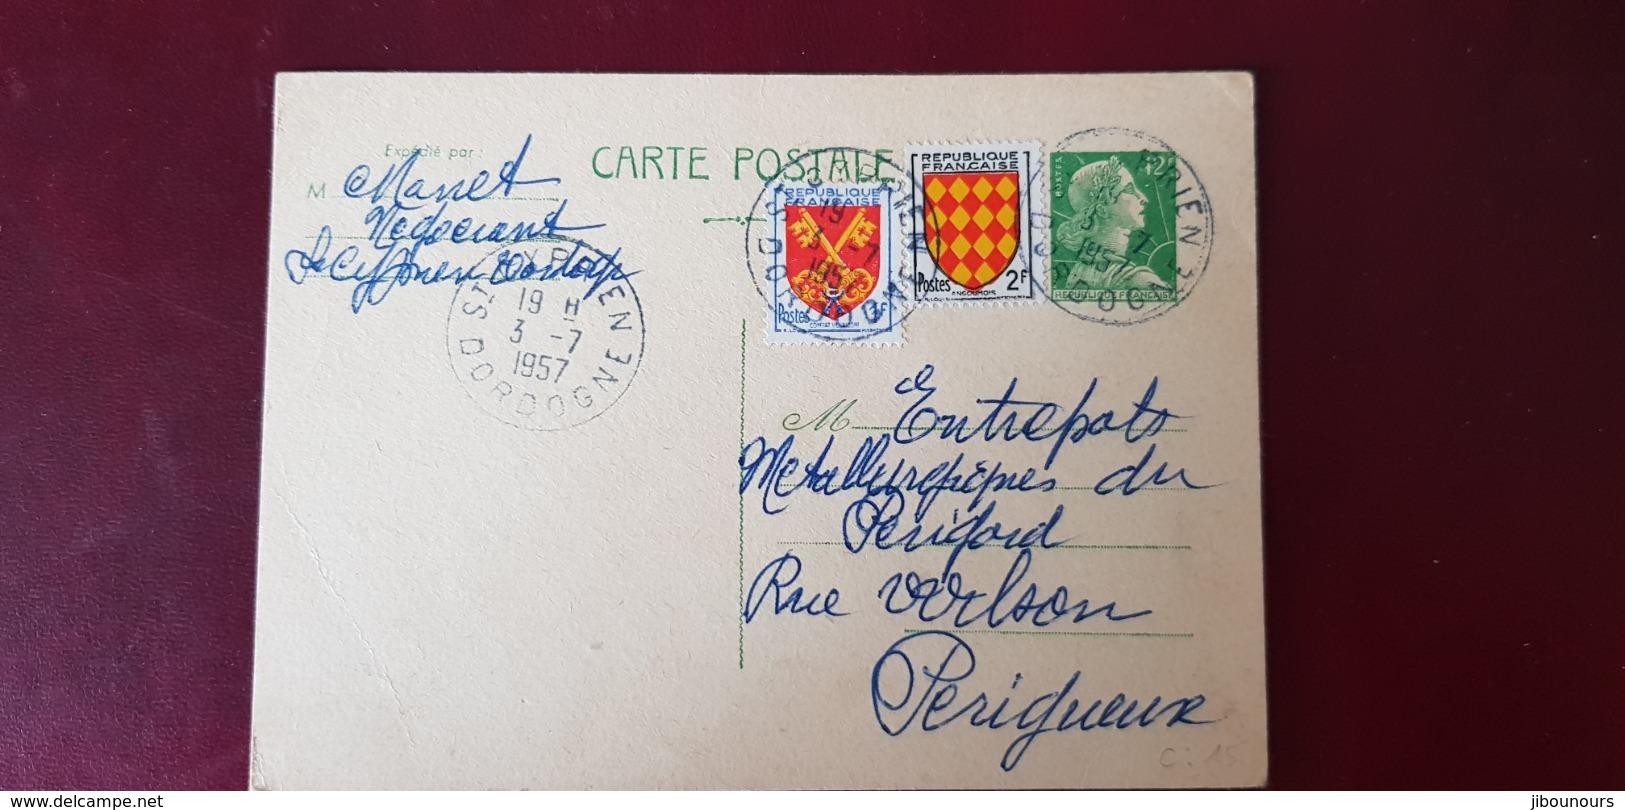 Entier Postal 12 Francs Muller  Plus Complémnnt Oblitéré St Cyprien Dordogne 3/7/1957 - Entiers Postaux